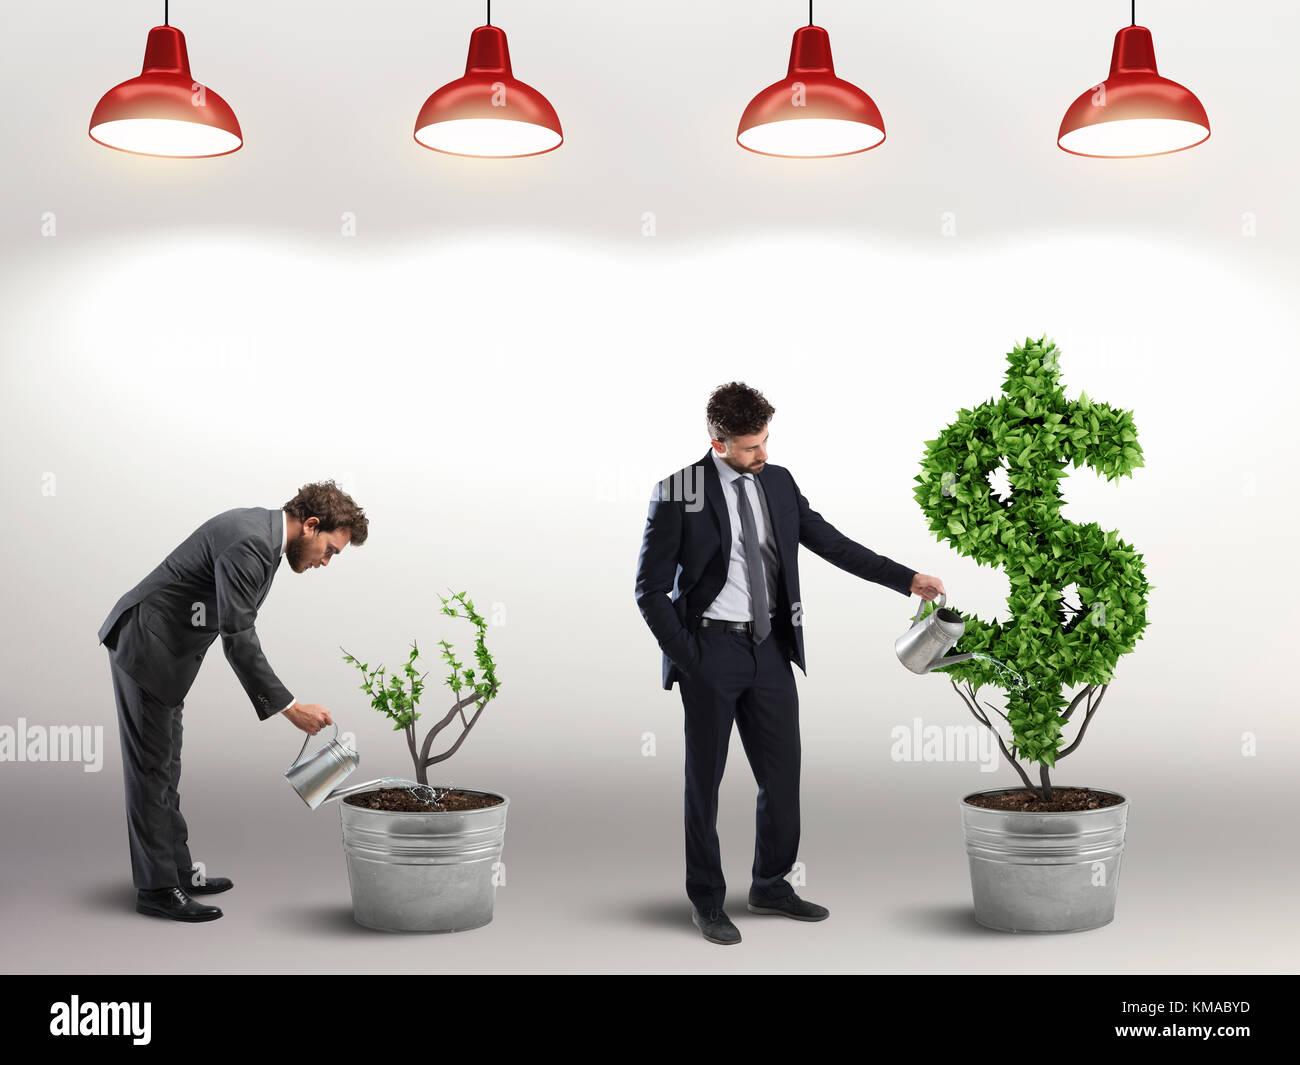 L'ambition et l'habileté d'un homme d'affaires. Le rendu 3D Photo Stock